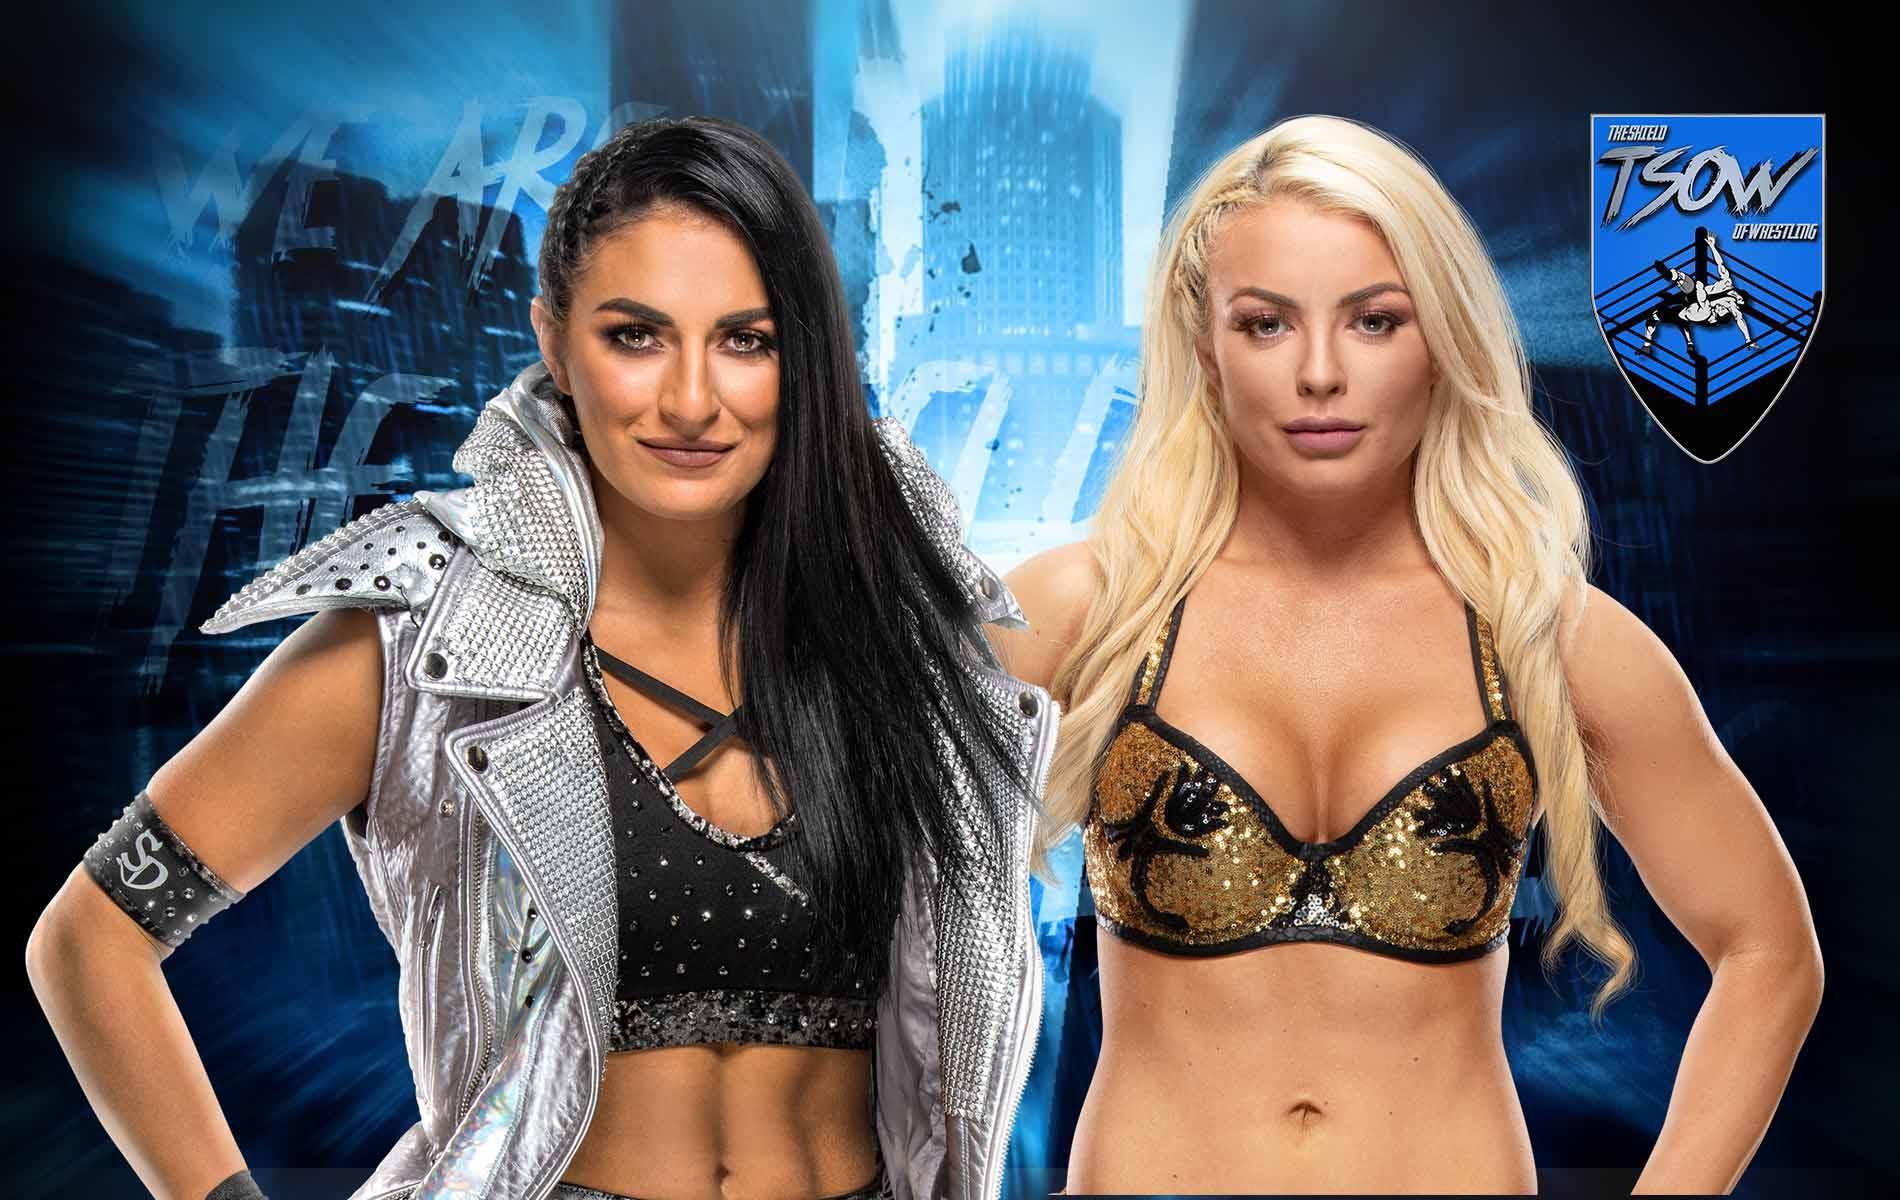 Sonya Deville ha attaccato Mandy Rose e le ha tagliato i capelli